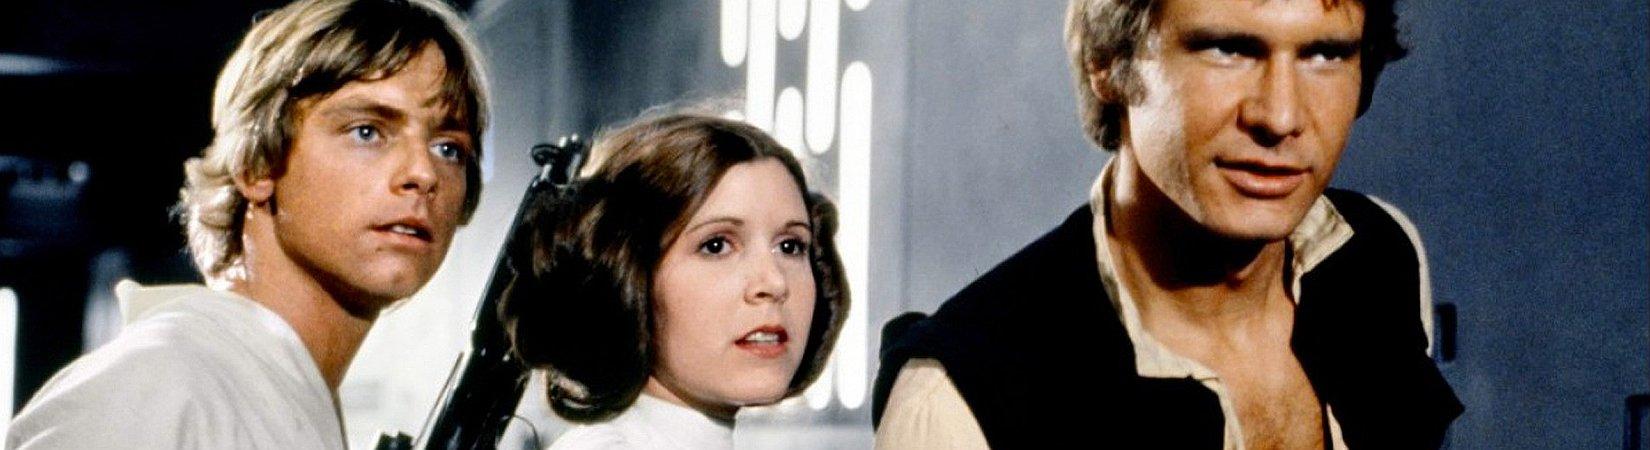 El elenco de Star Wars. Antes y ahora